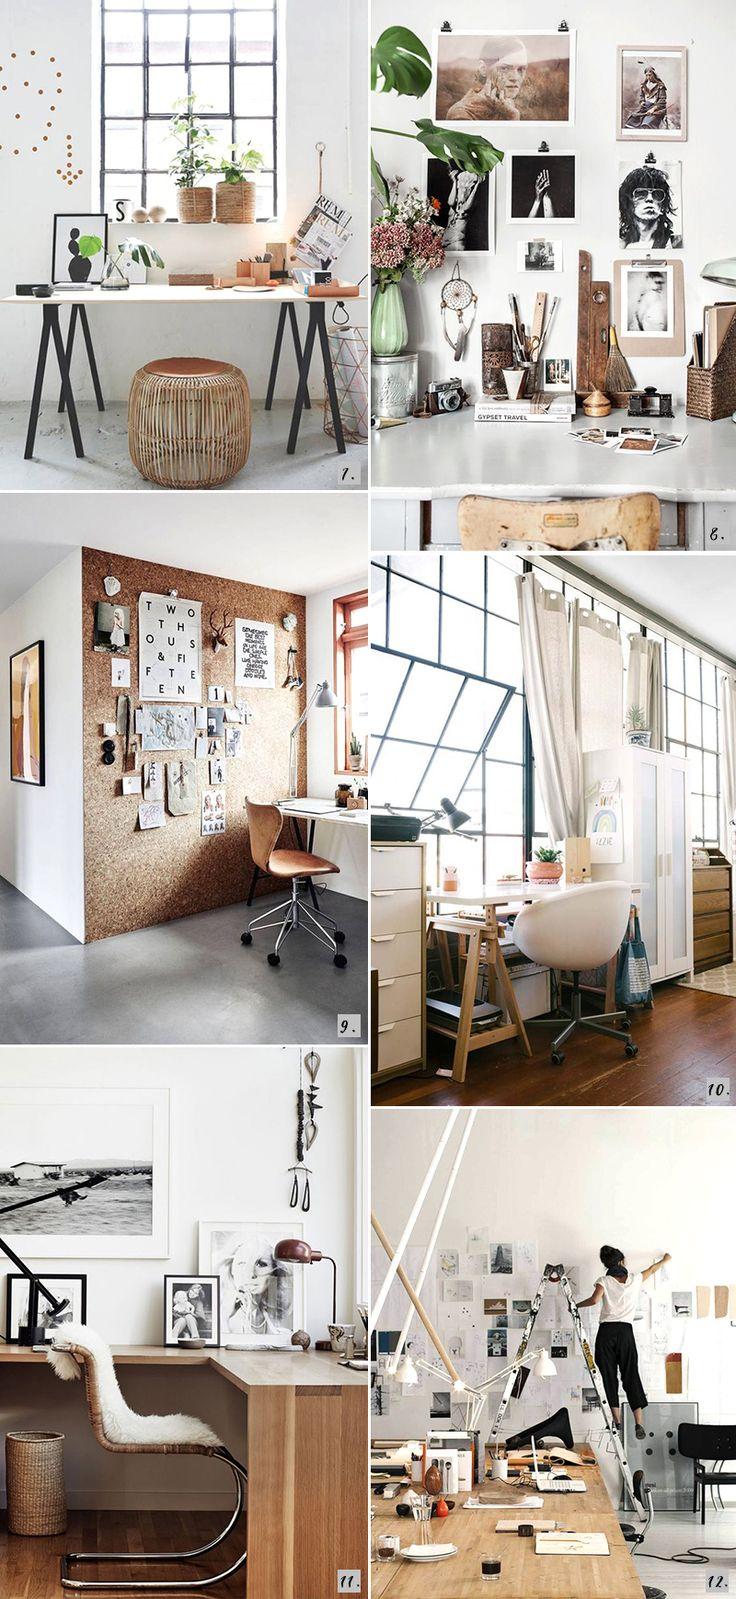 93 besten Buildings/furniture Bilder auf Pinterest | Wohnideen, Haus ...